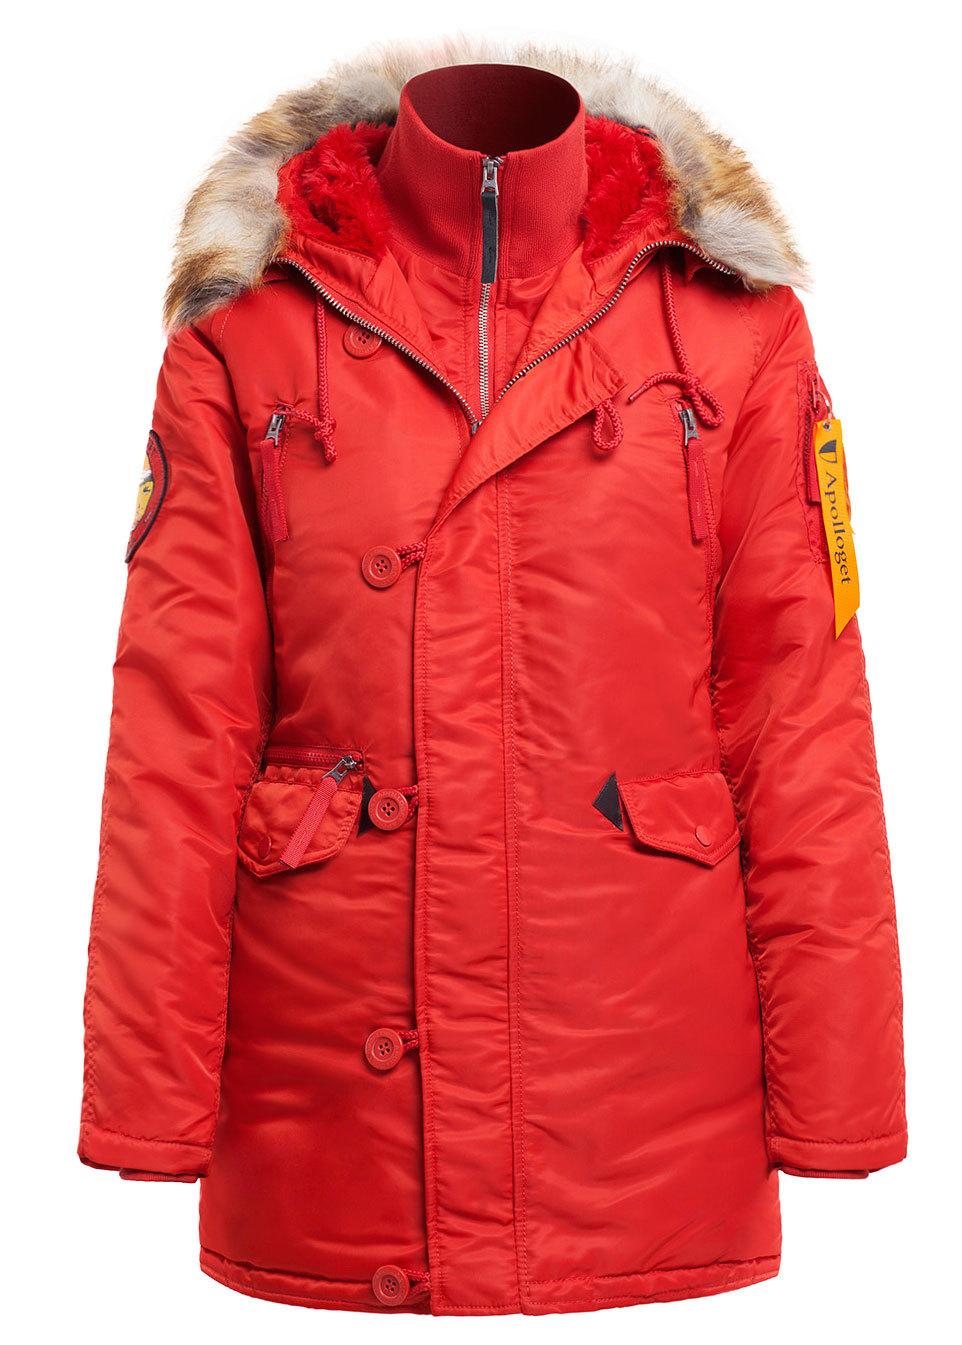 Куртка Аляска Женская - Apolloget Alaska Wmn (красная - red wine)